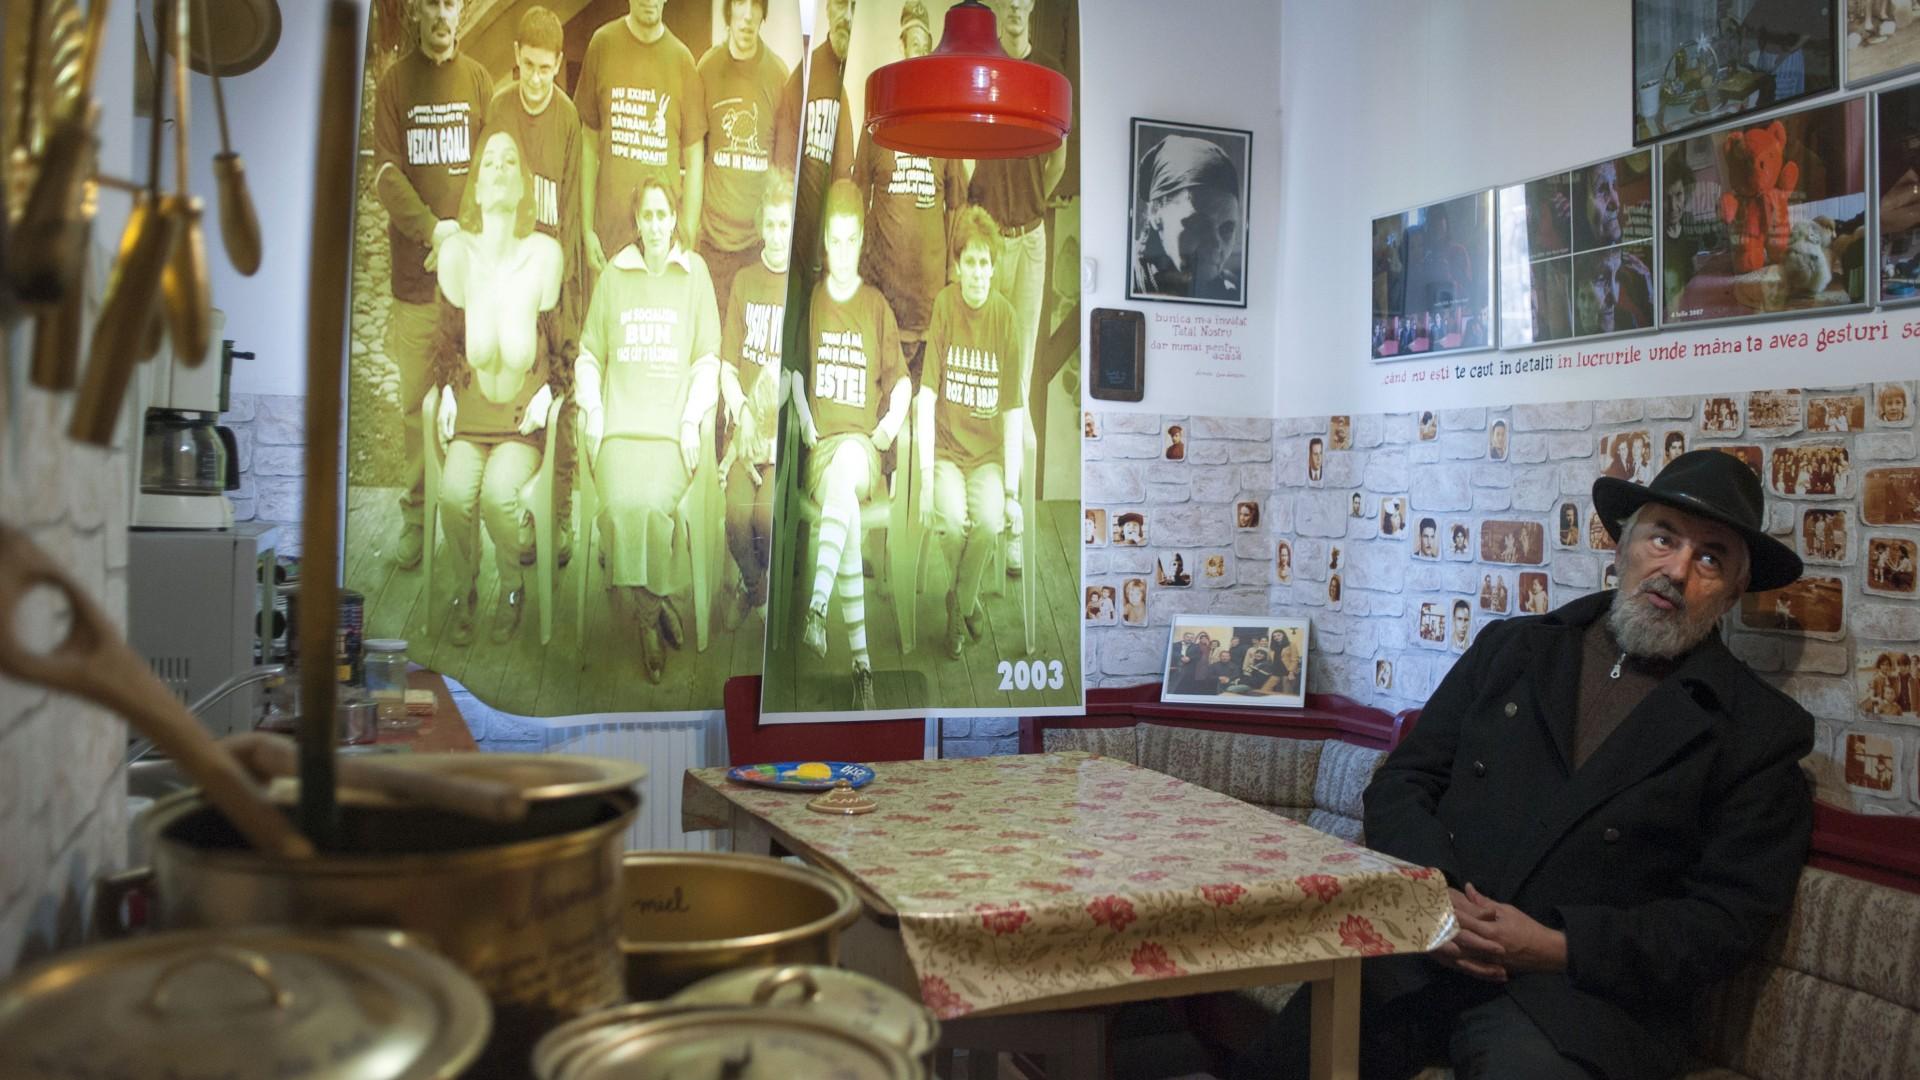 Fotografie făcută perdea în care apare și tatăl lui Ion Barbu